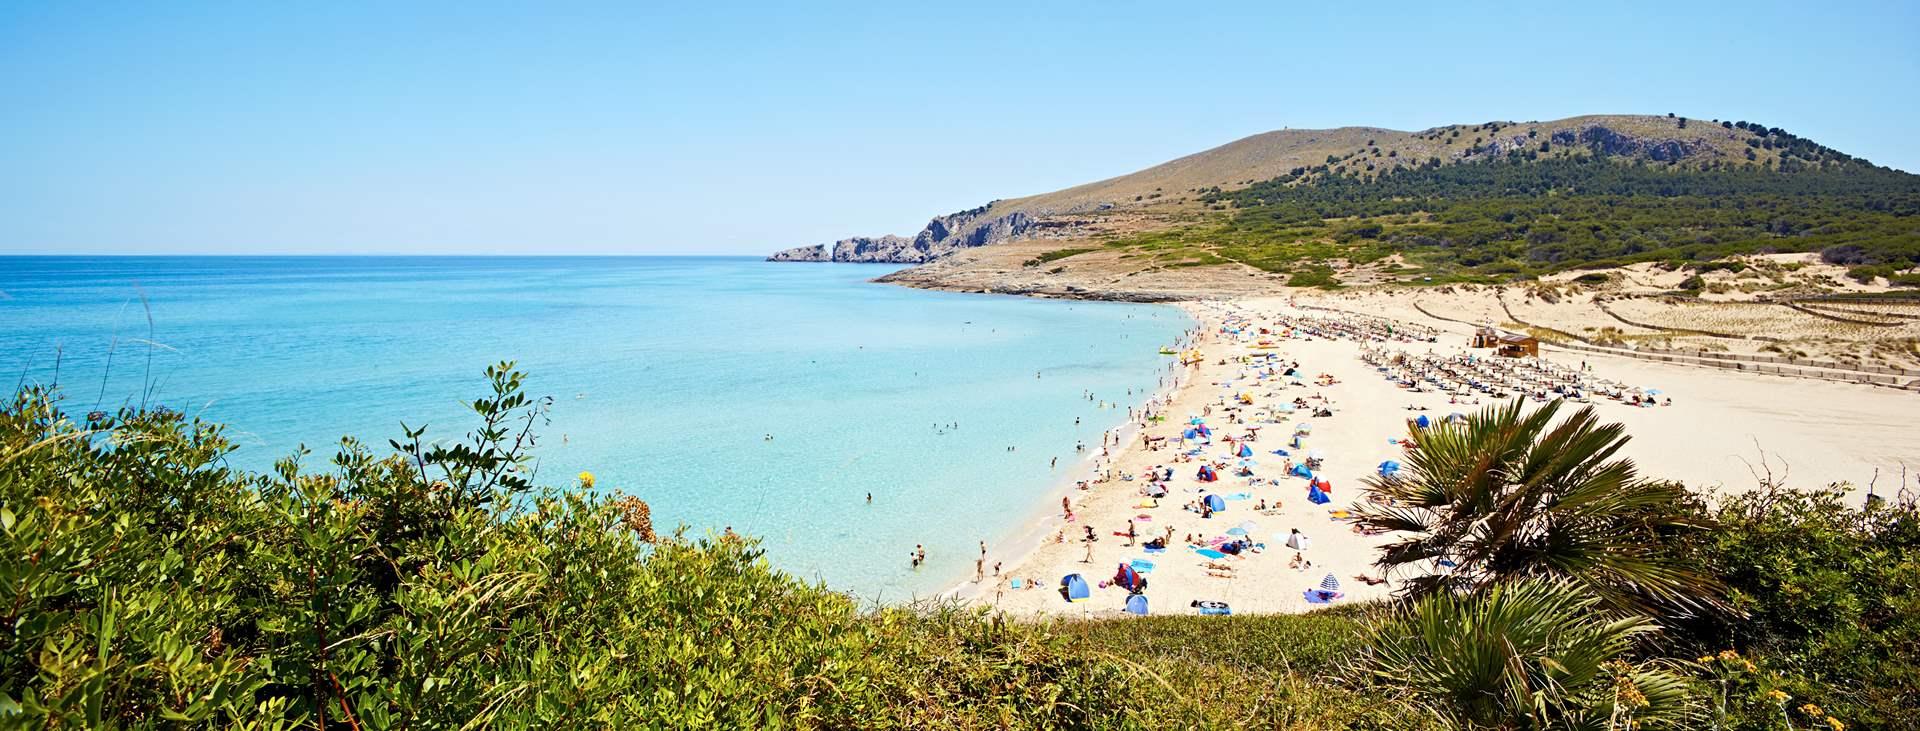 Boka en resa till barnvänliga Cala Mesquida på Mallorca